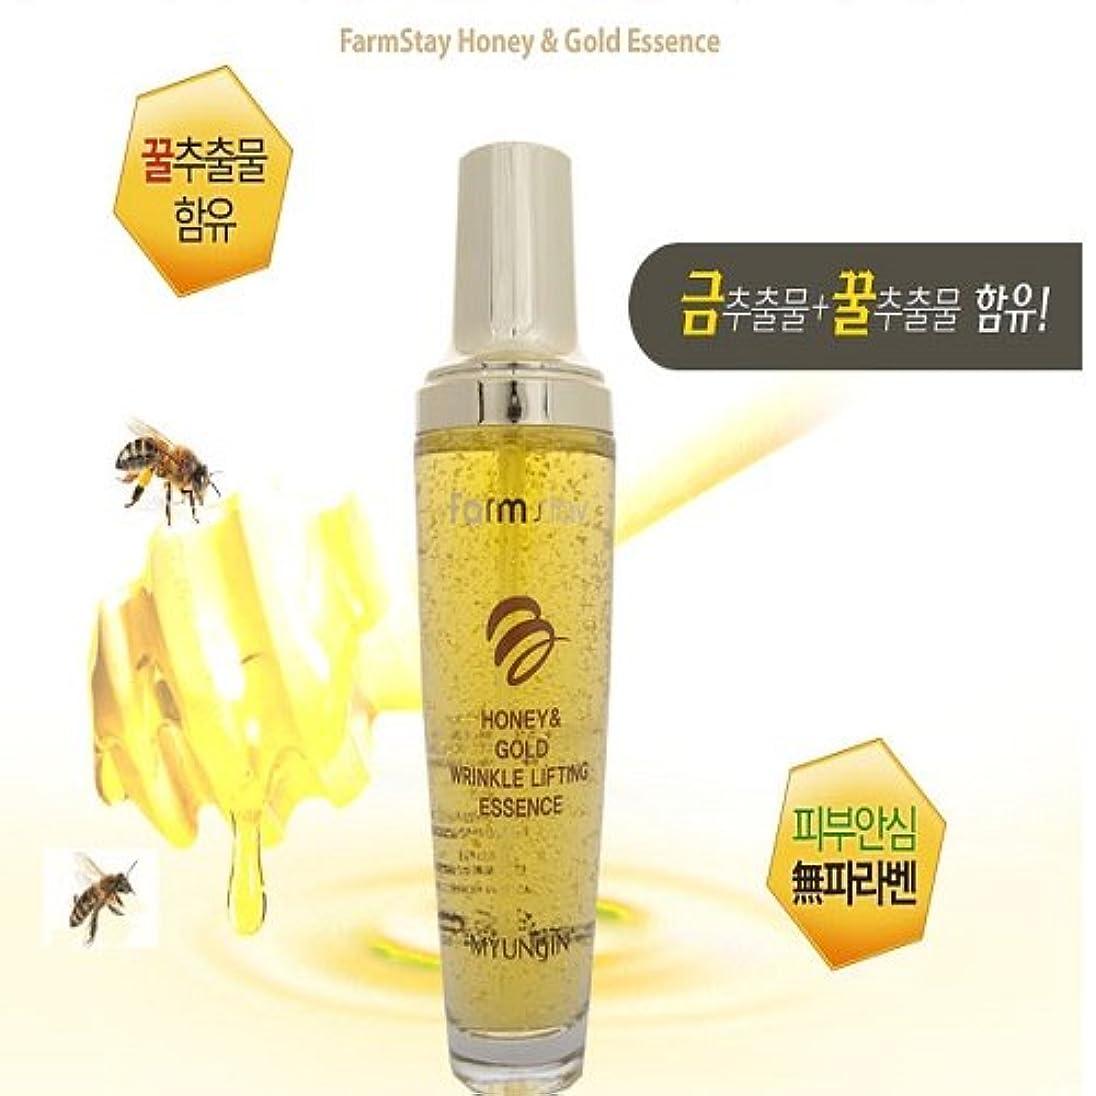 自然警察署ホット[FARM STAY] Honey & Gold Wrinkle Lifting Essence 130ml